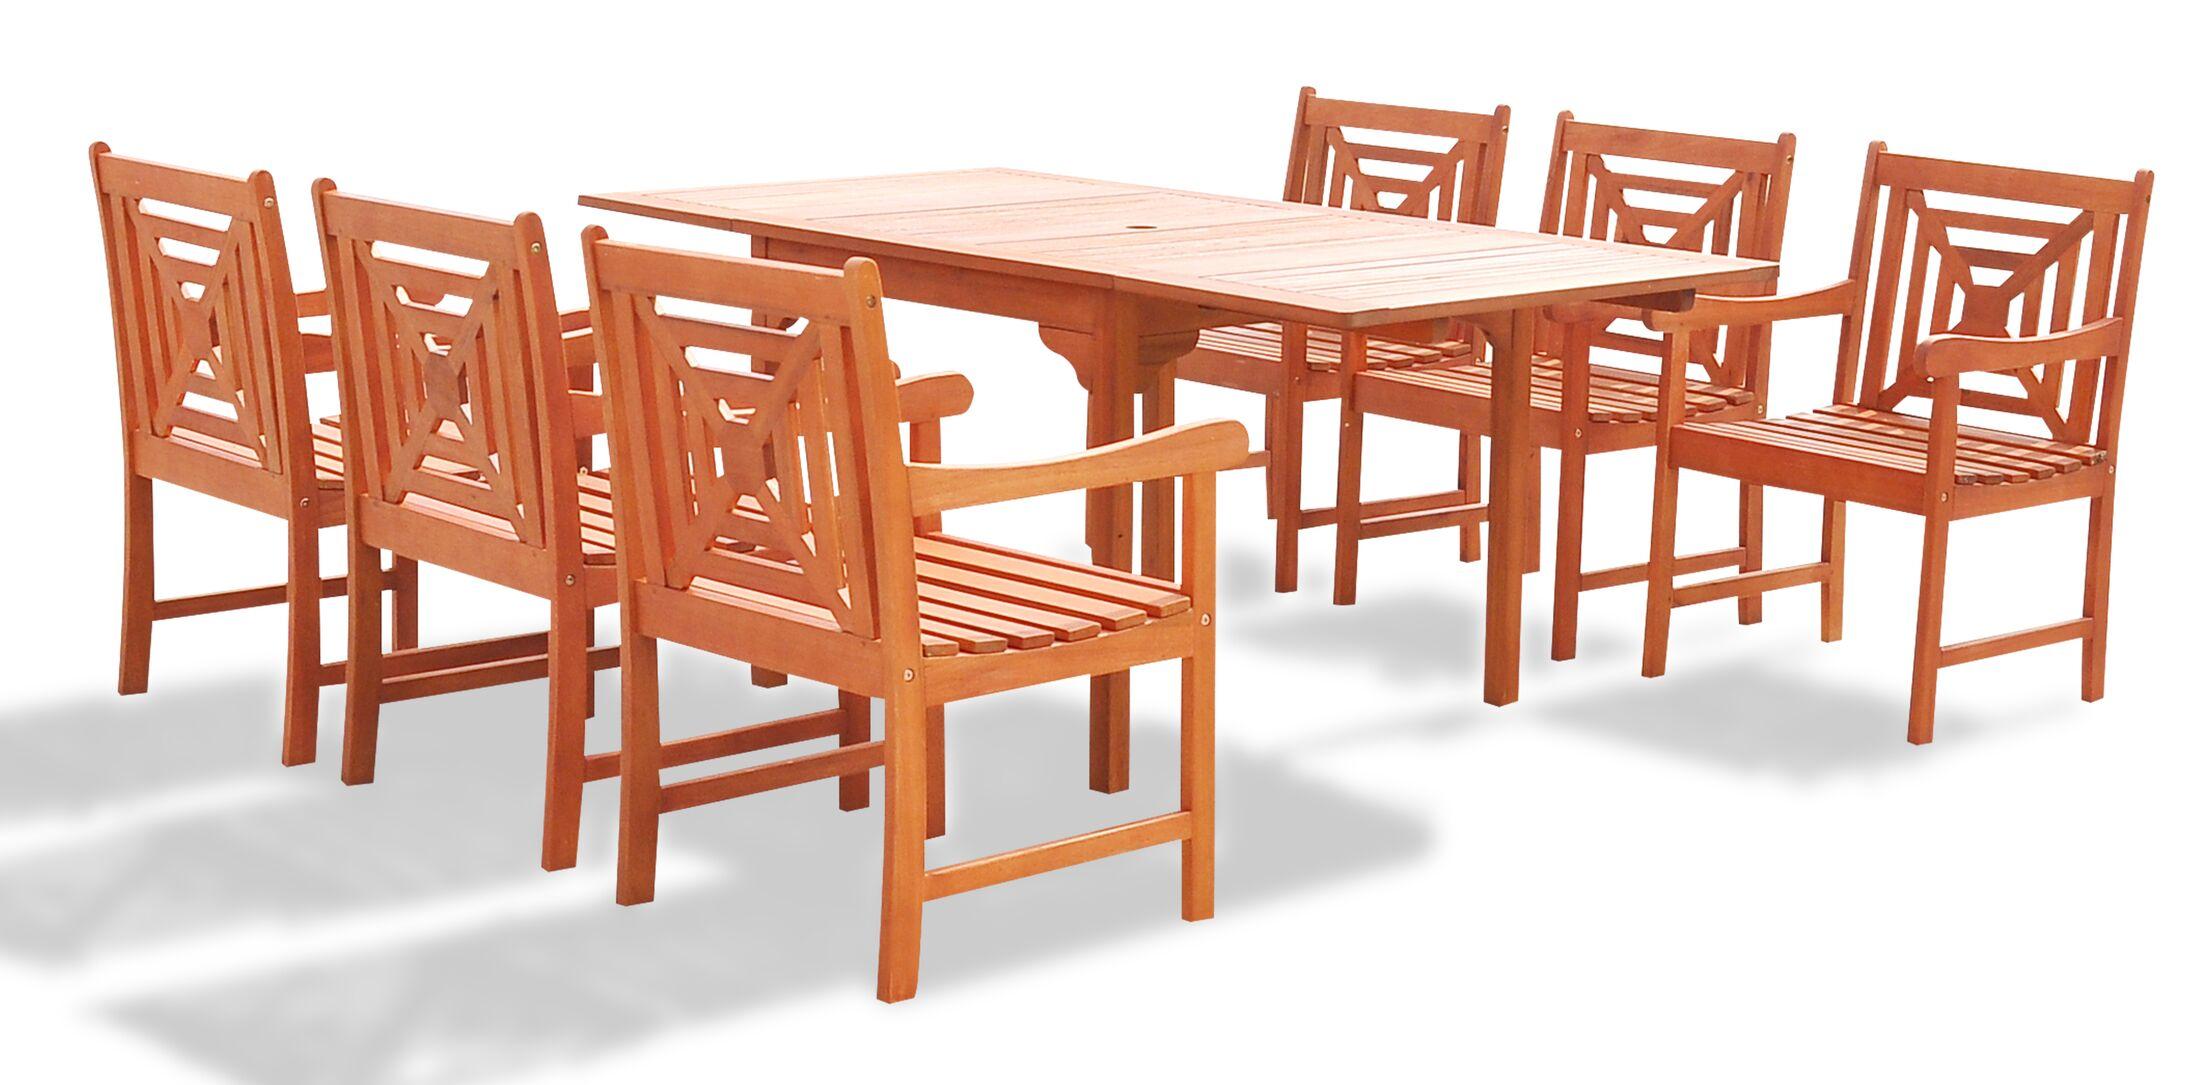 Blythe 7 Piece Dining Set Table Size: 82